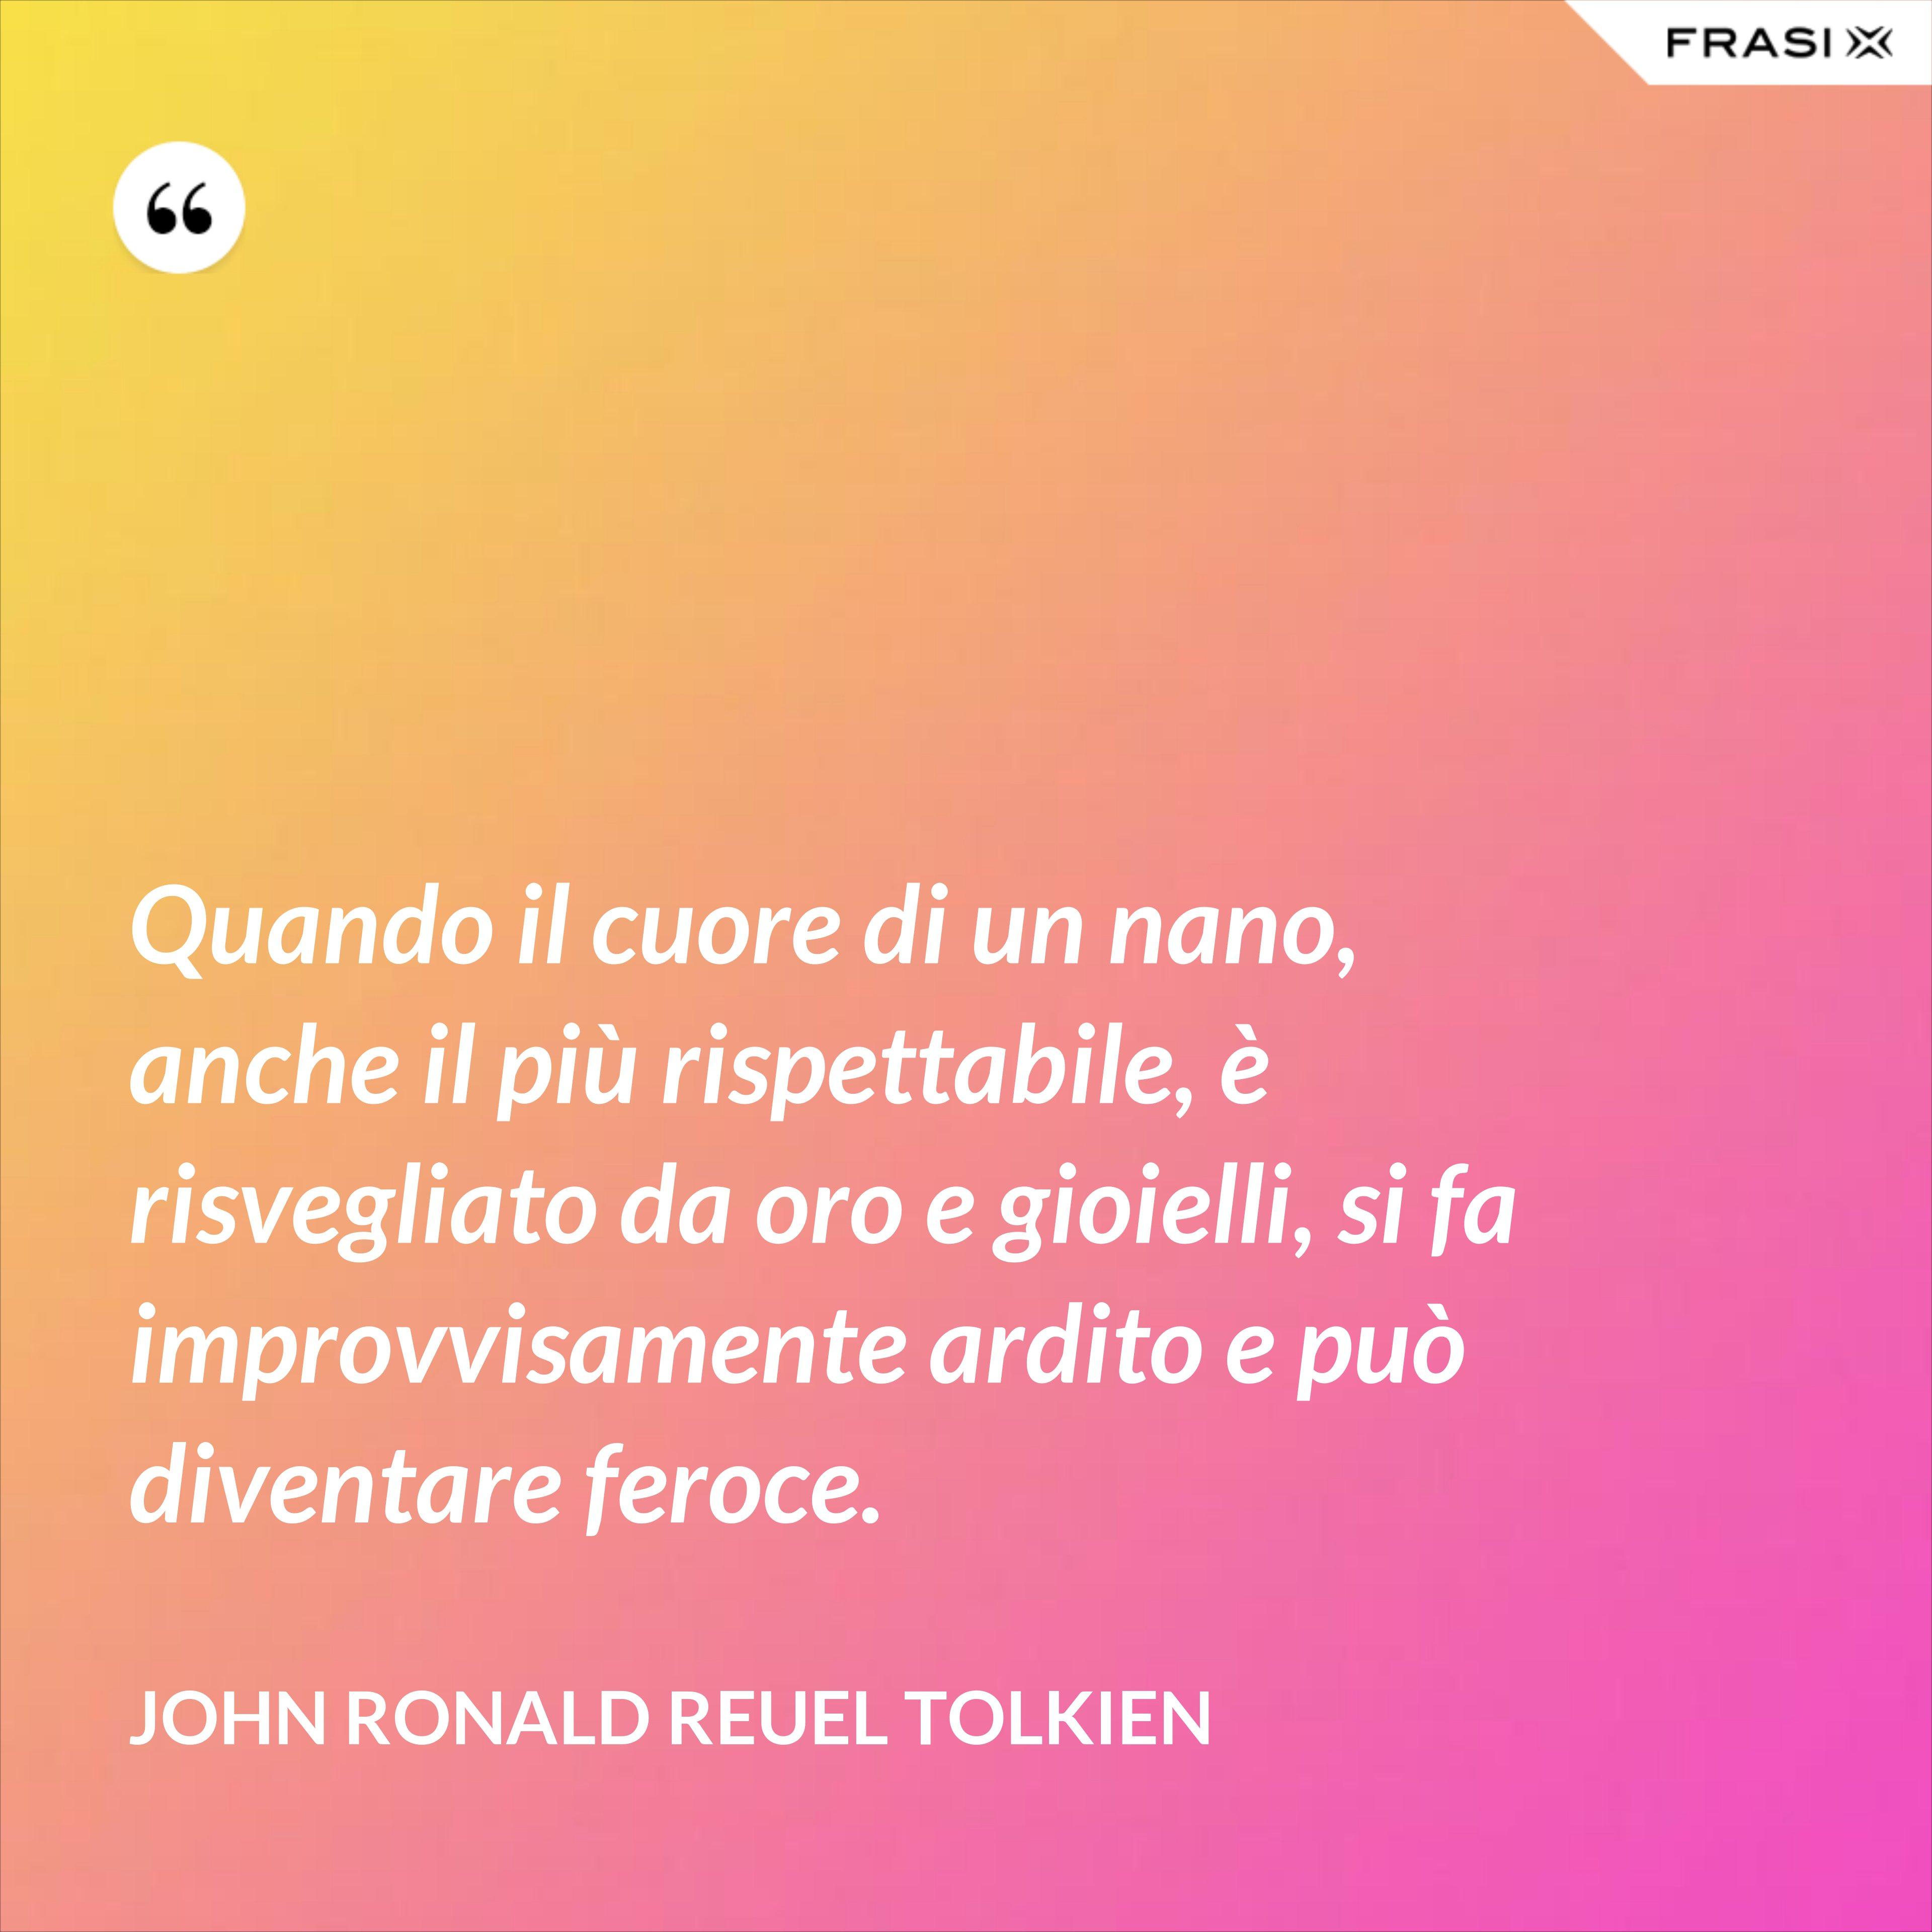 Quando il cuore di un nano, anche il più rispettabile, è risvegliato da oro e gioielli, si fa improvvisamente ardito e può diventare feroce. - John Ronald Reuel Tolkien